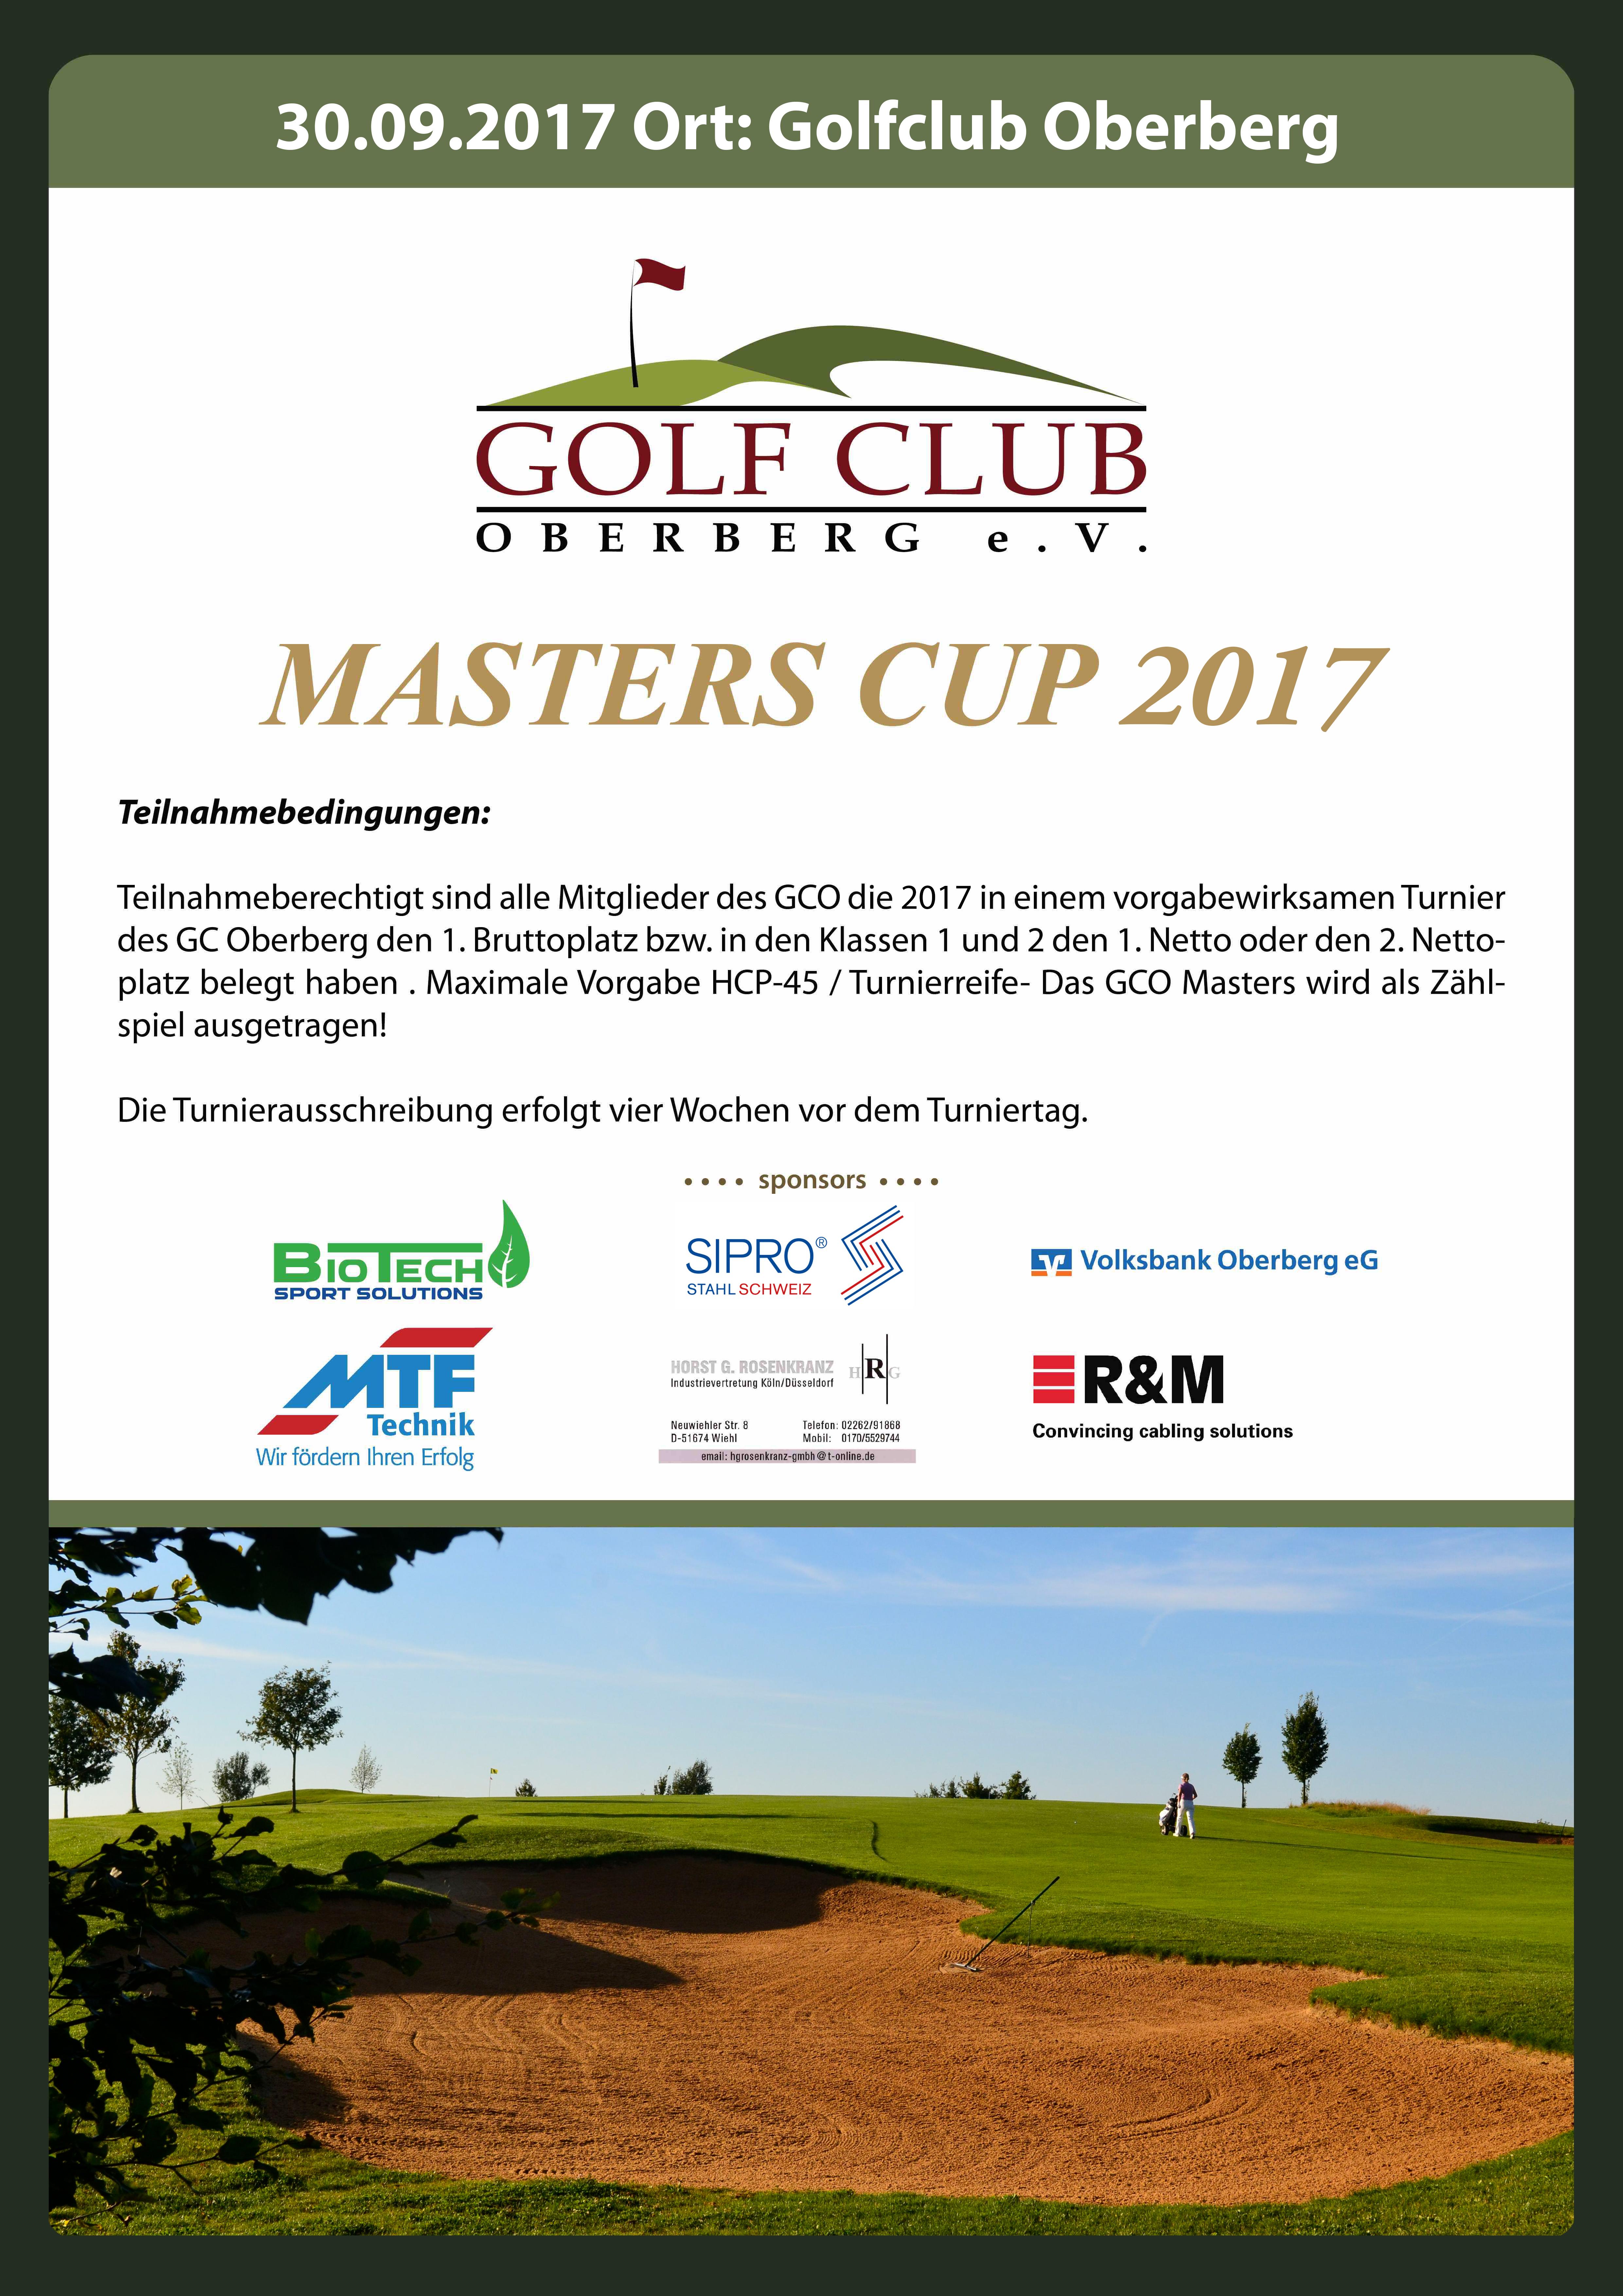 poster - masters cup 2011 - GC Oberberg eV - ver001 - op1b